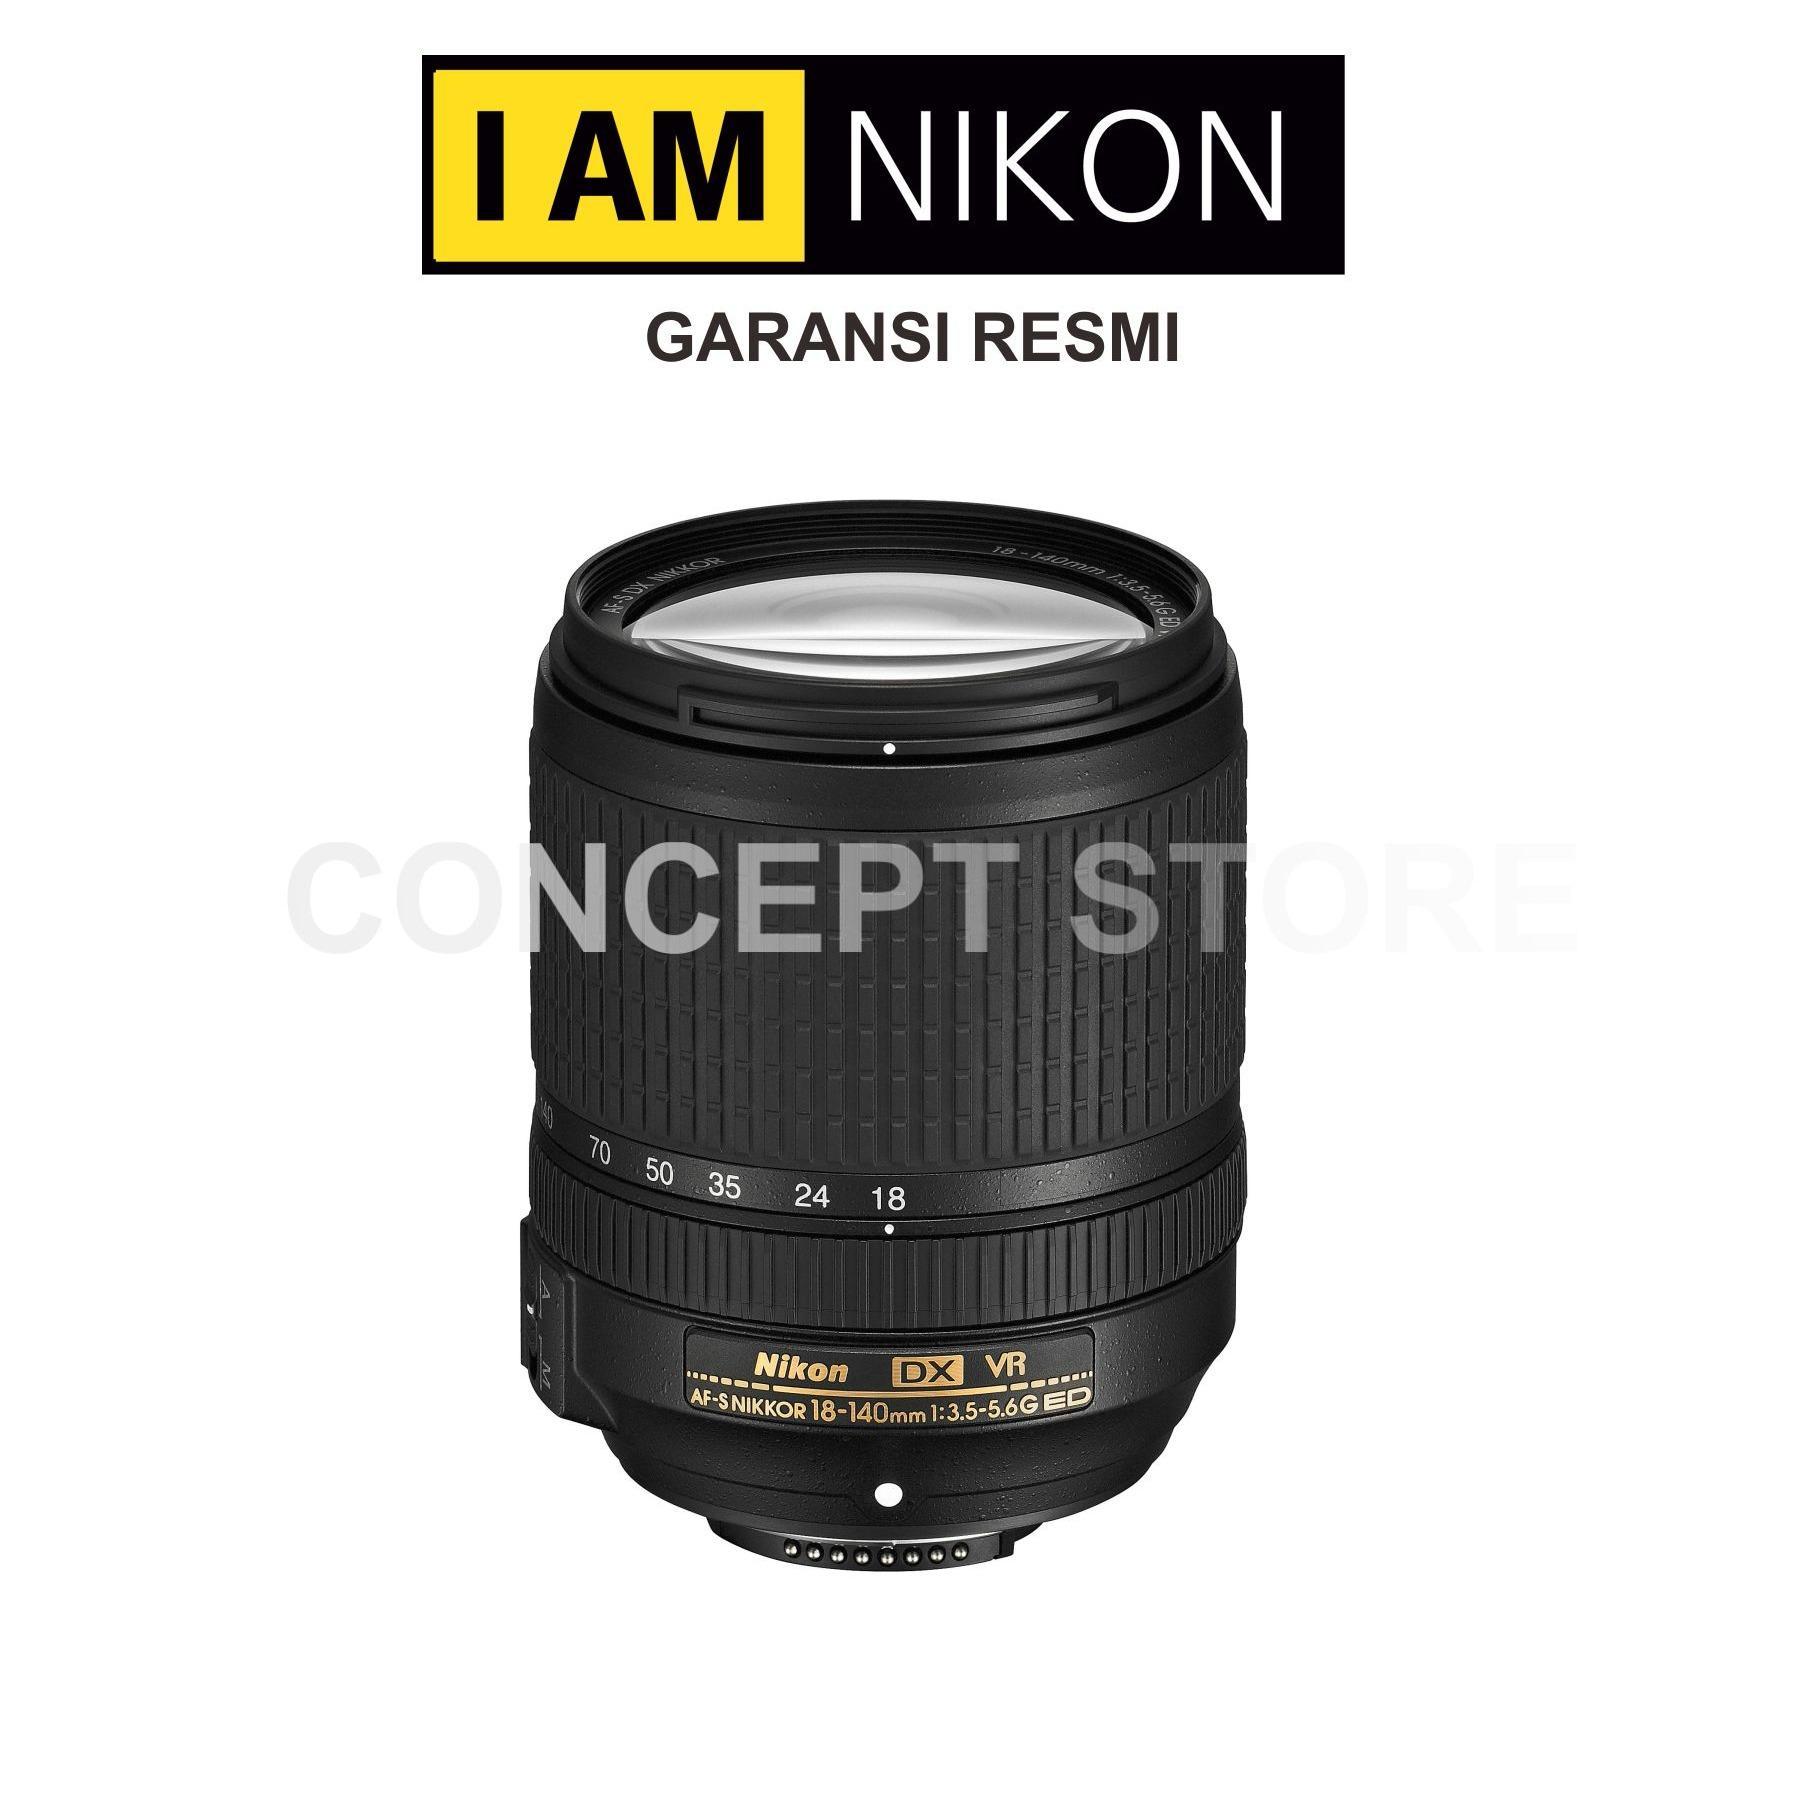 Nikon AF-S DX Nikkor 18-140mm f/3.5-5.6G ED VR Lensa Kamera